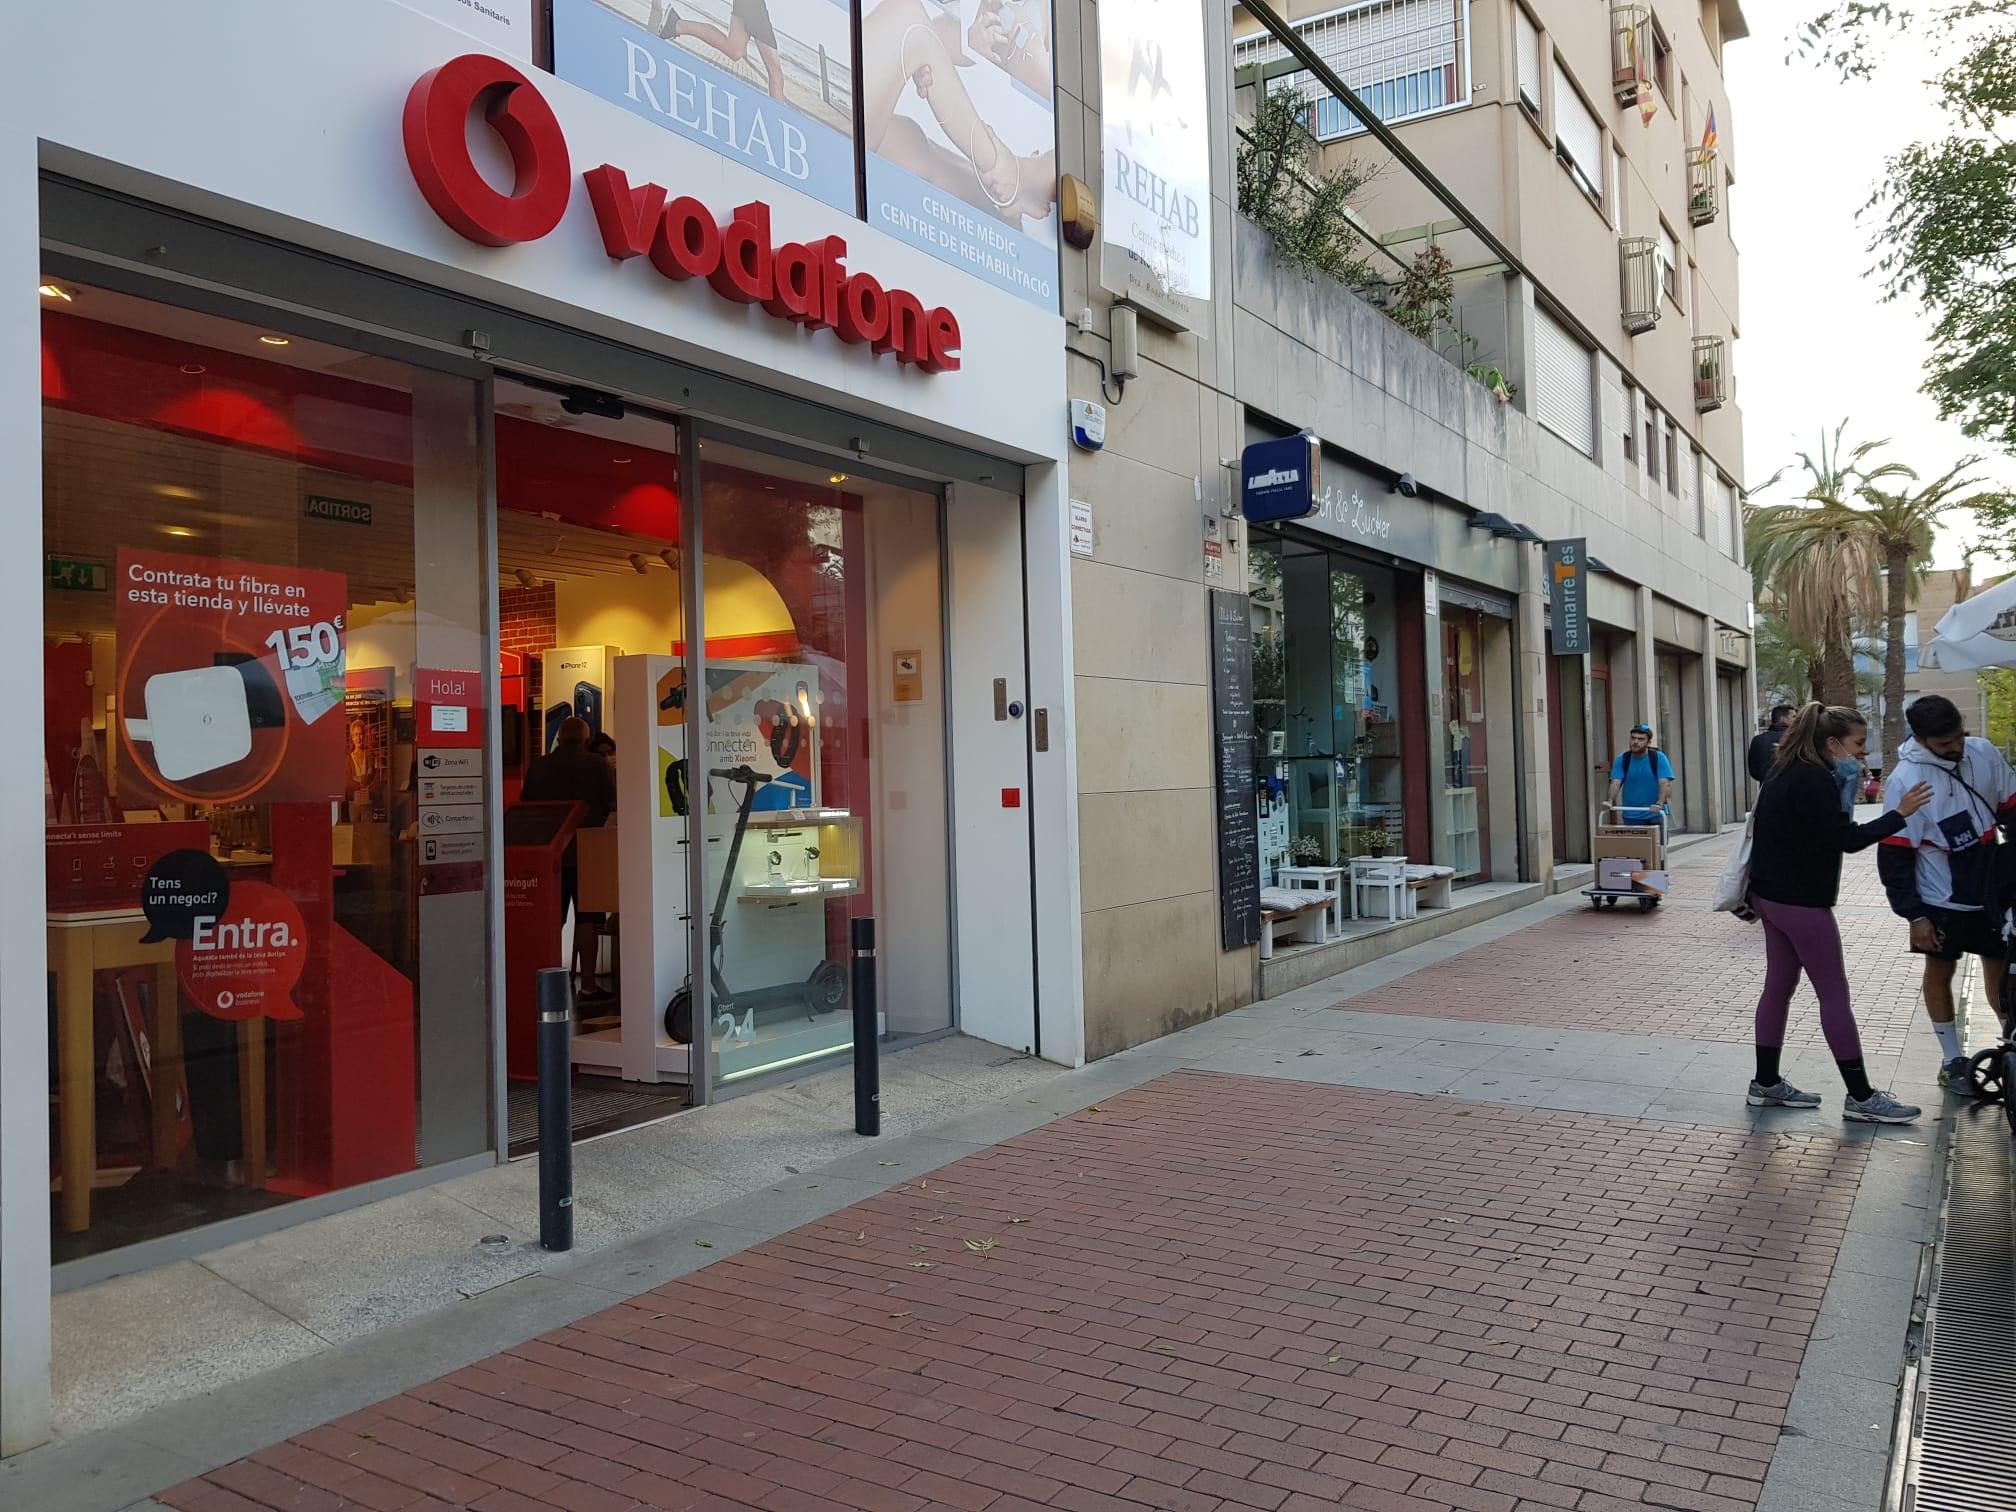 L'establiment Vodafone, al carrer Joan Coromines de Terrassa | Lluïsa Tarrida